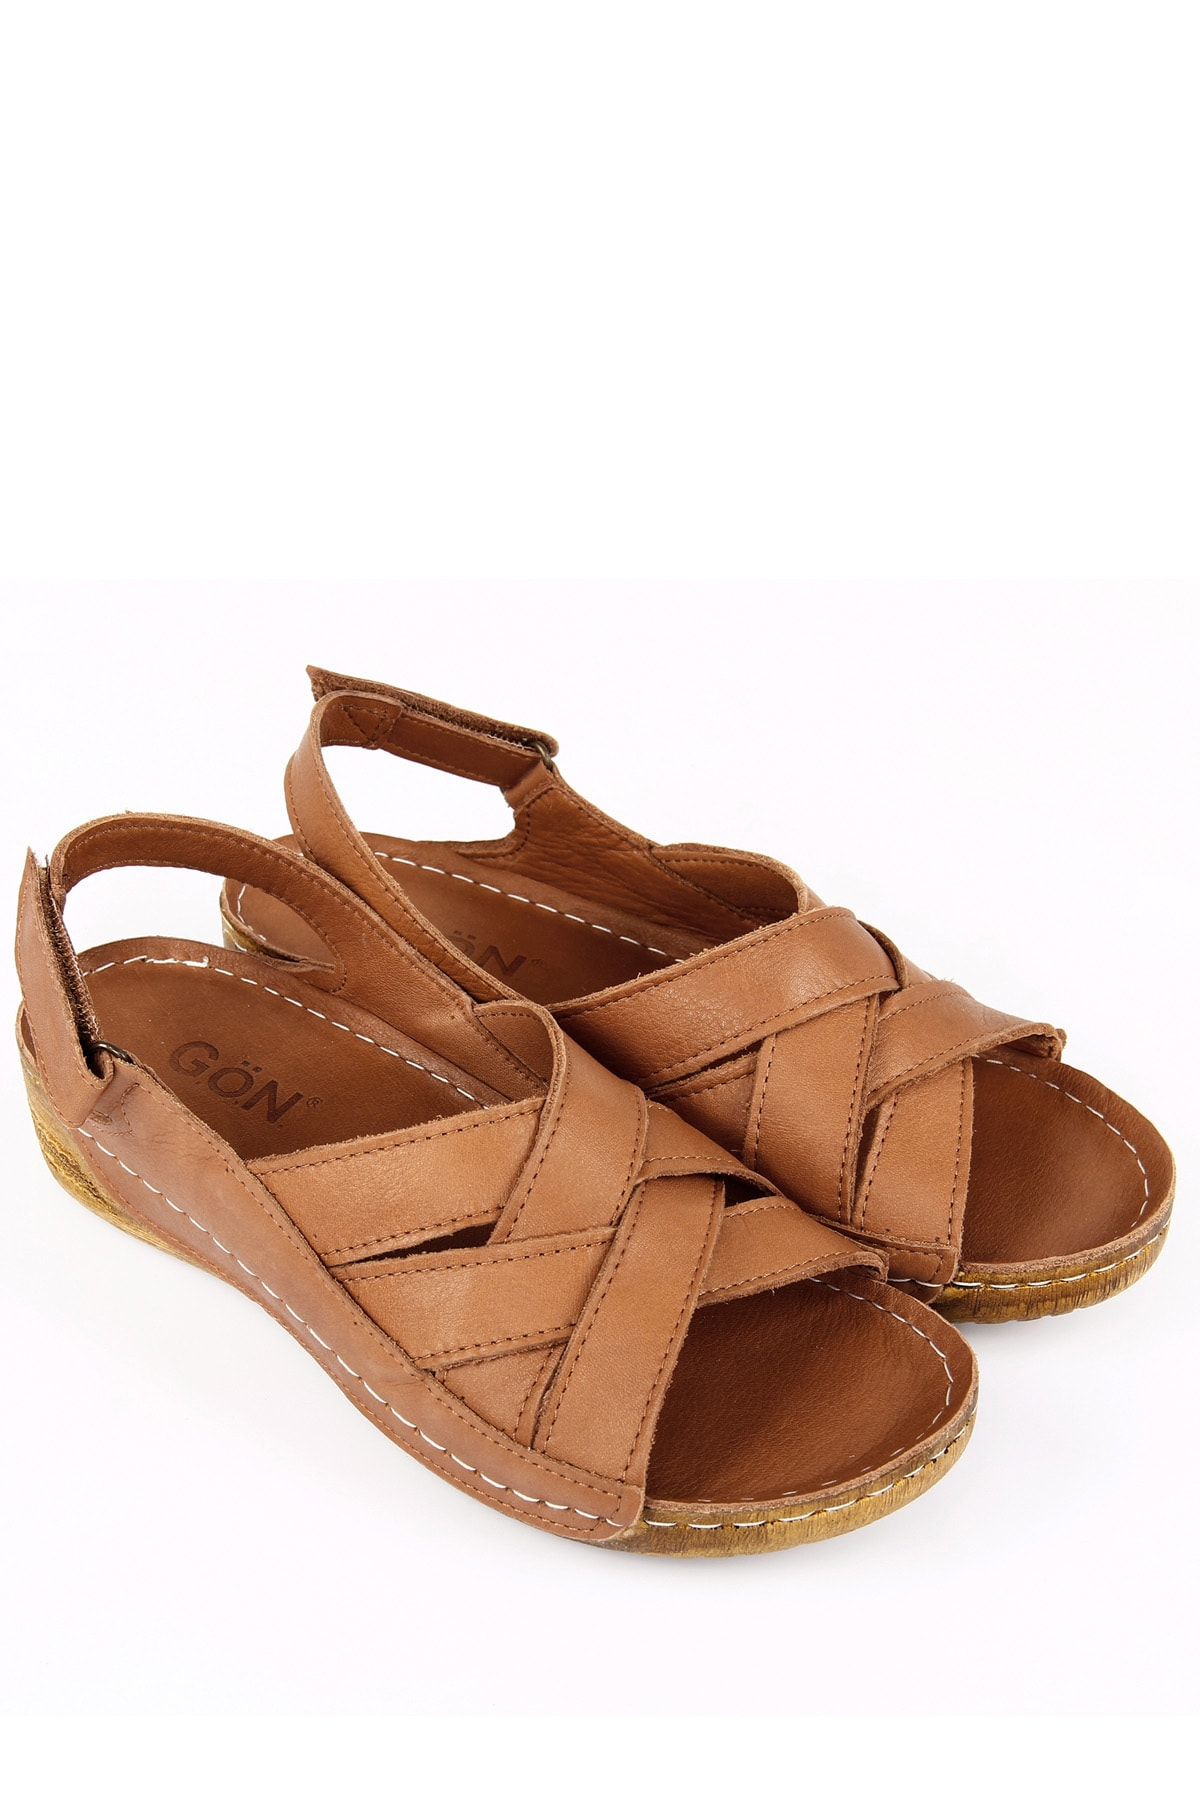 GÖNDERİ(R) Kadın Kahverengi Hakiki Deri Sandalet 42310 2